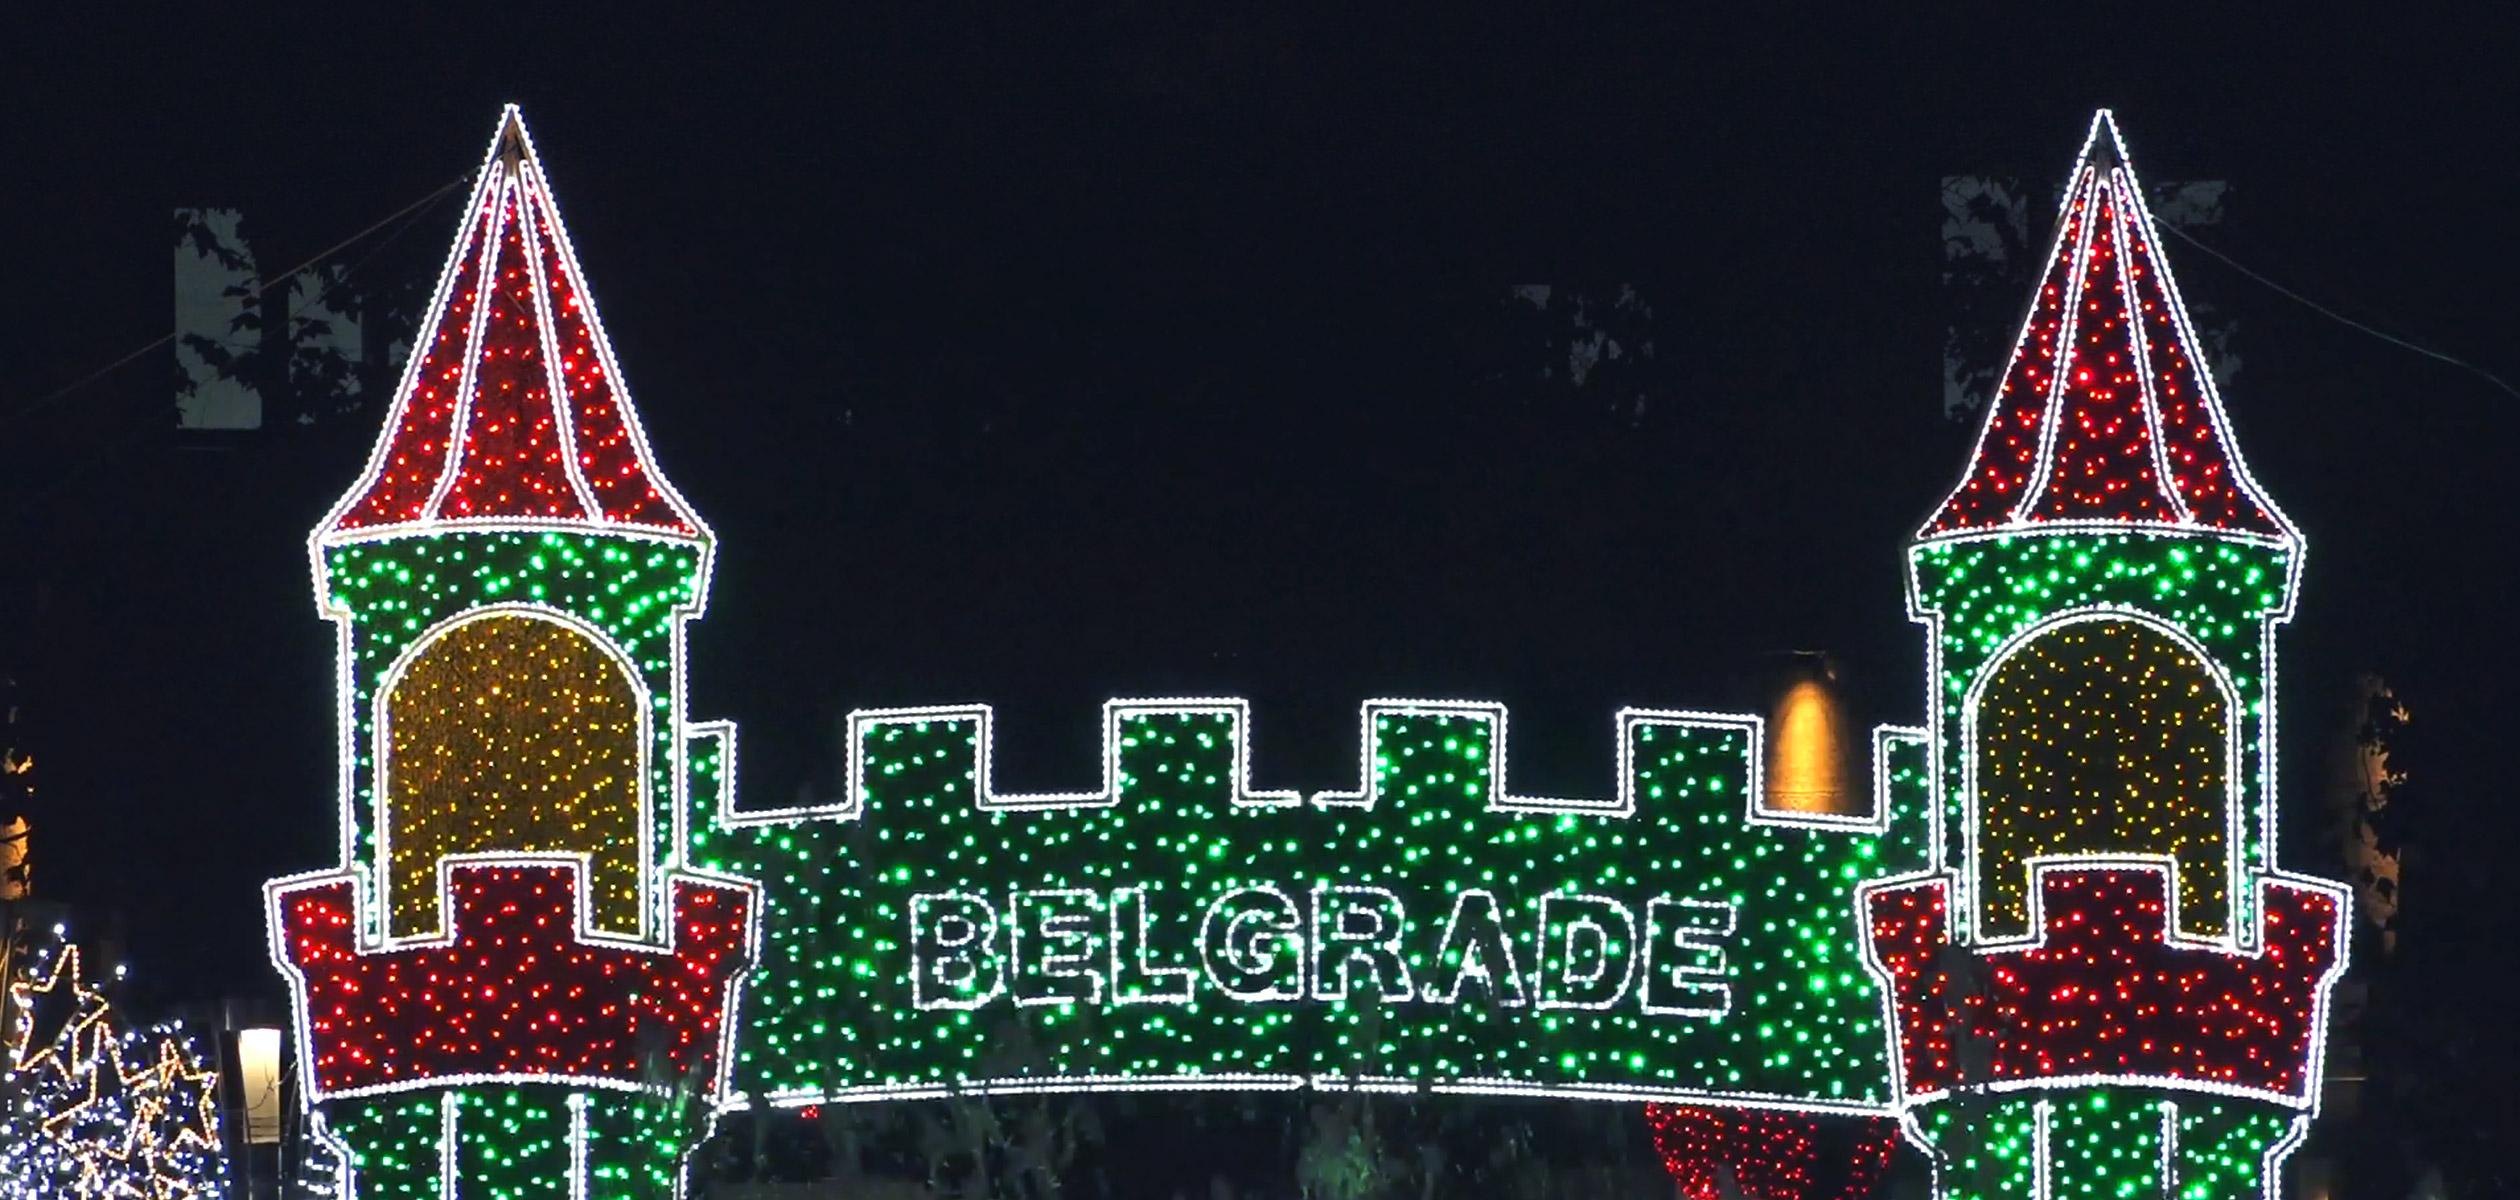 dekoracija-u-beogradu.jpg